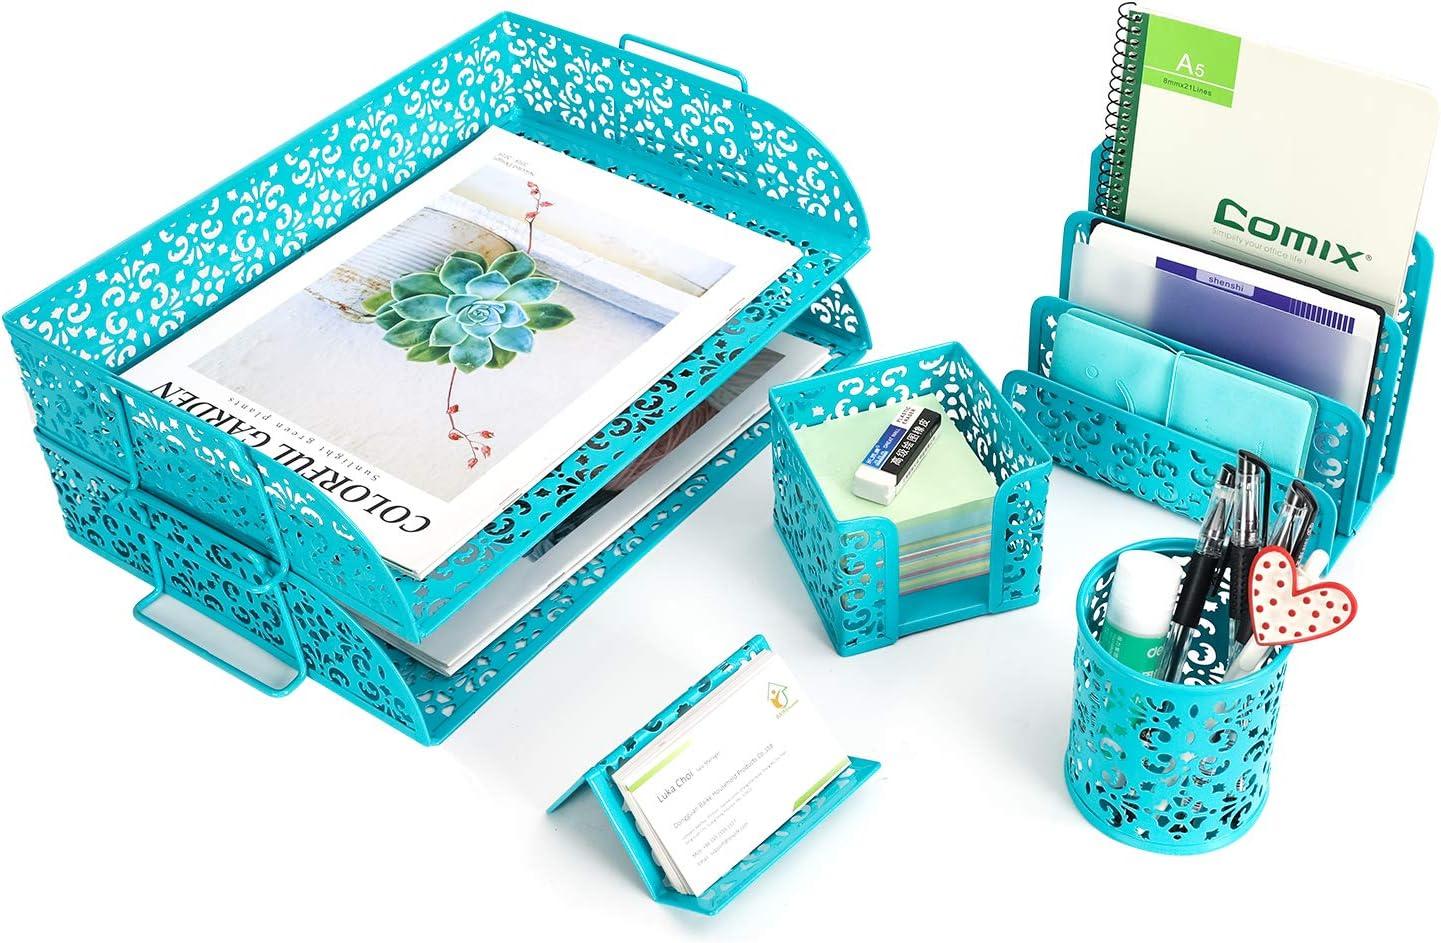 EasyPAG 5 in 1 Desk Organizer Set - 2 Tier Stackable Desk Tray,Mail Sorter, Pencil Holder,Business Card Holder and Stick Note Holder,Dark Teal